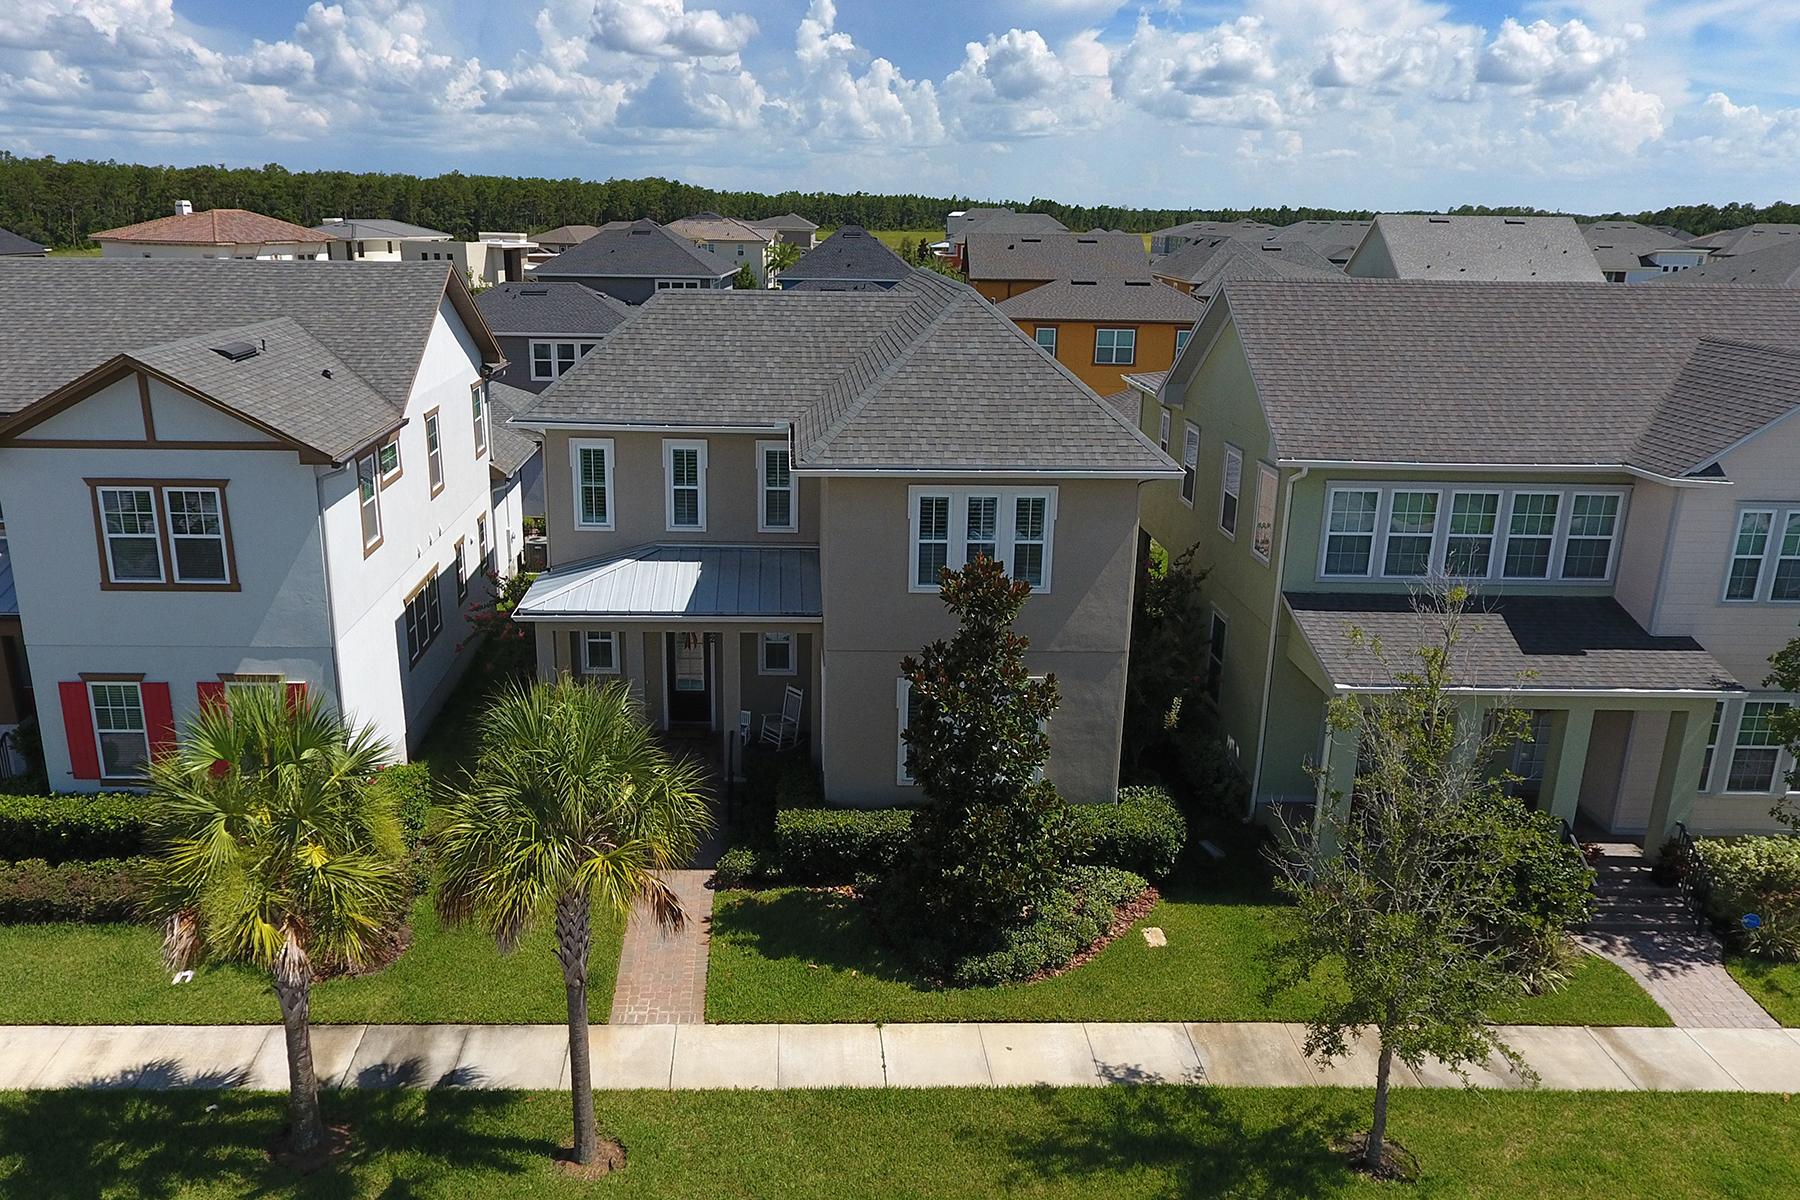 独户住宅 为 销售 在 LAKE NONA 8382 Laureate Blvd 奥兰多, 佛罗里达州, 32827 美国